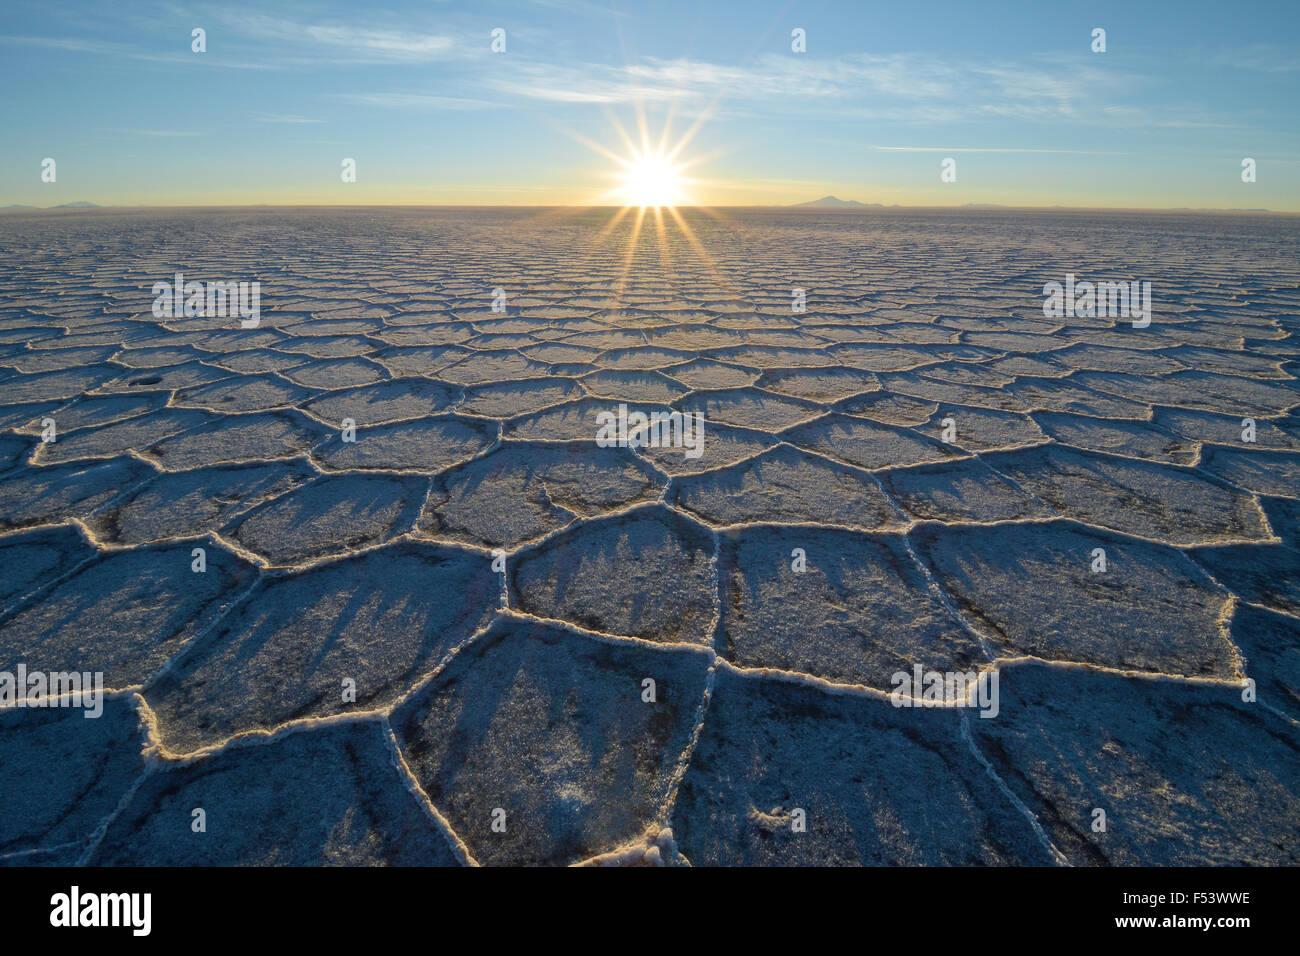 Estructura de panal con sombras en un lago de sal al amanecer, la más grande del mundo en depósitos de Imagen De Stock